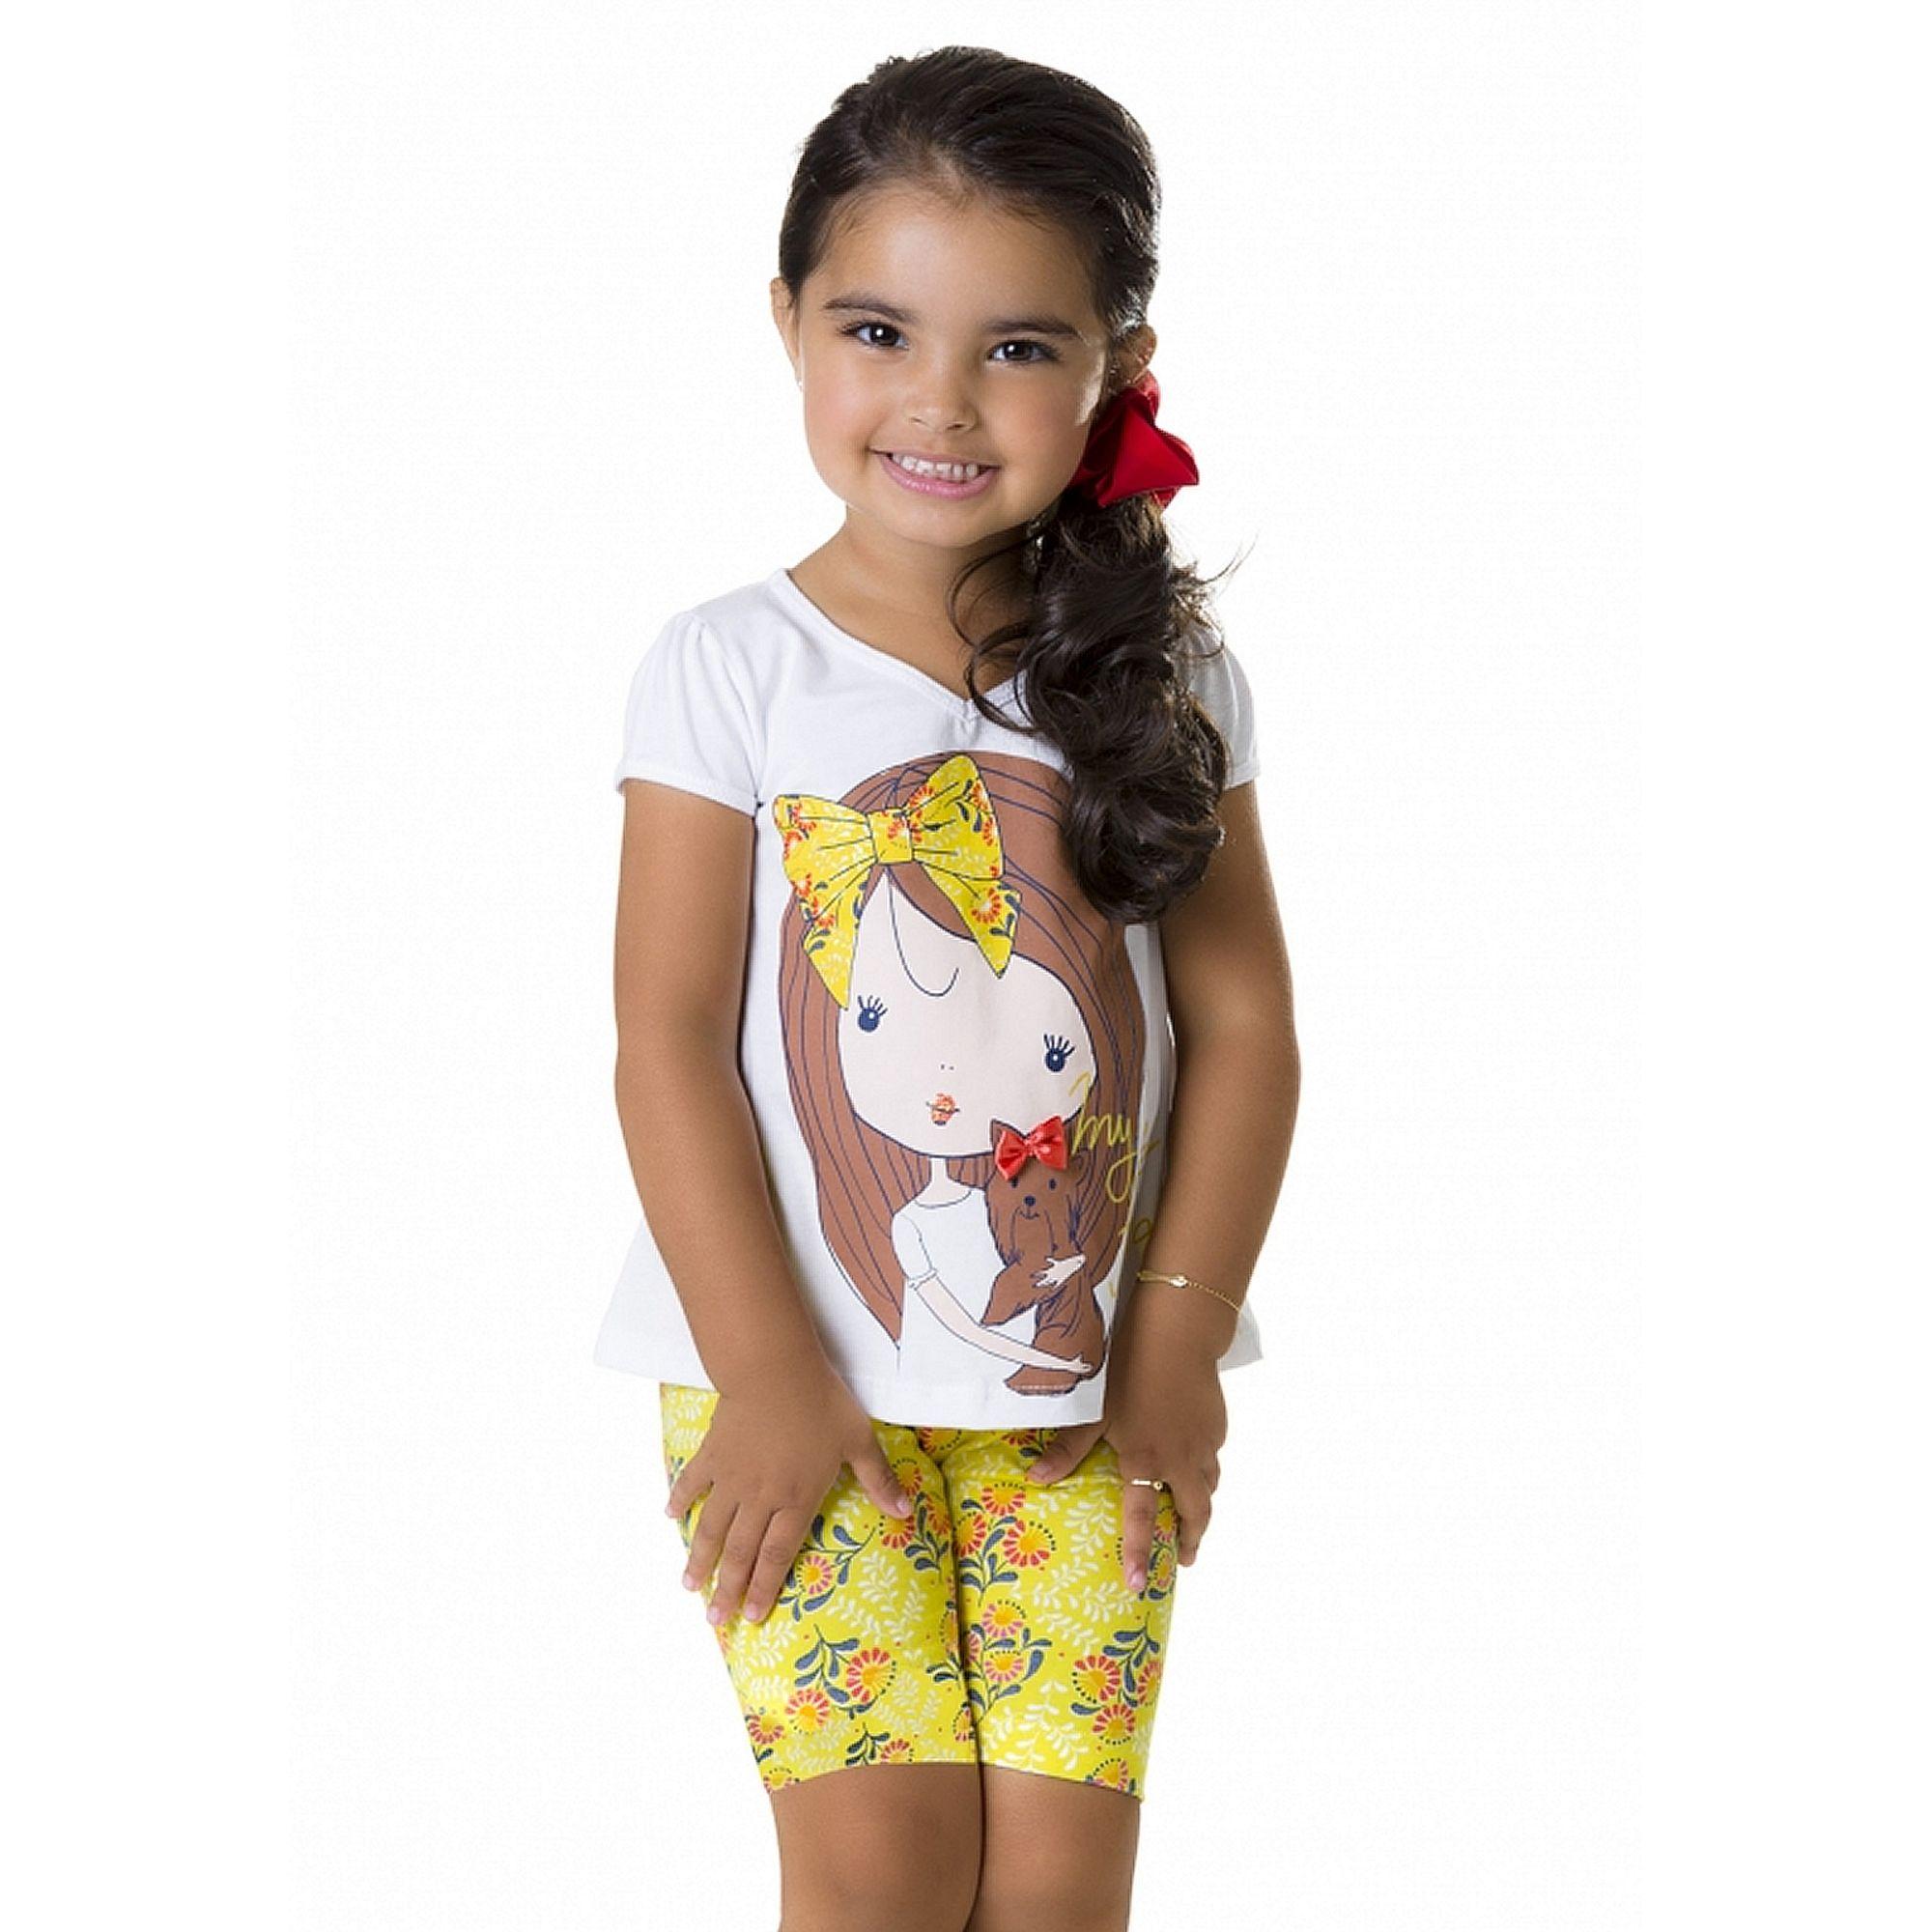 conjunto-menina-blusa-menininha-e-ciclista-amarela-verao